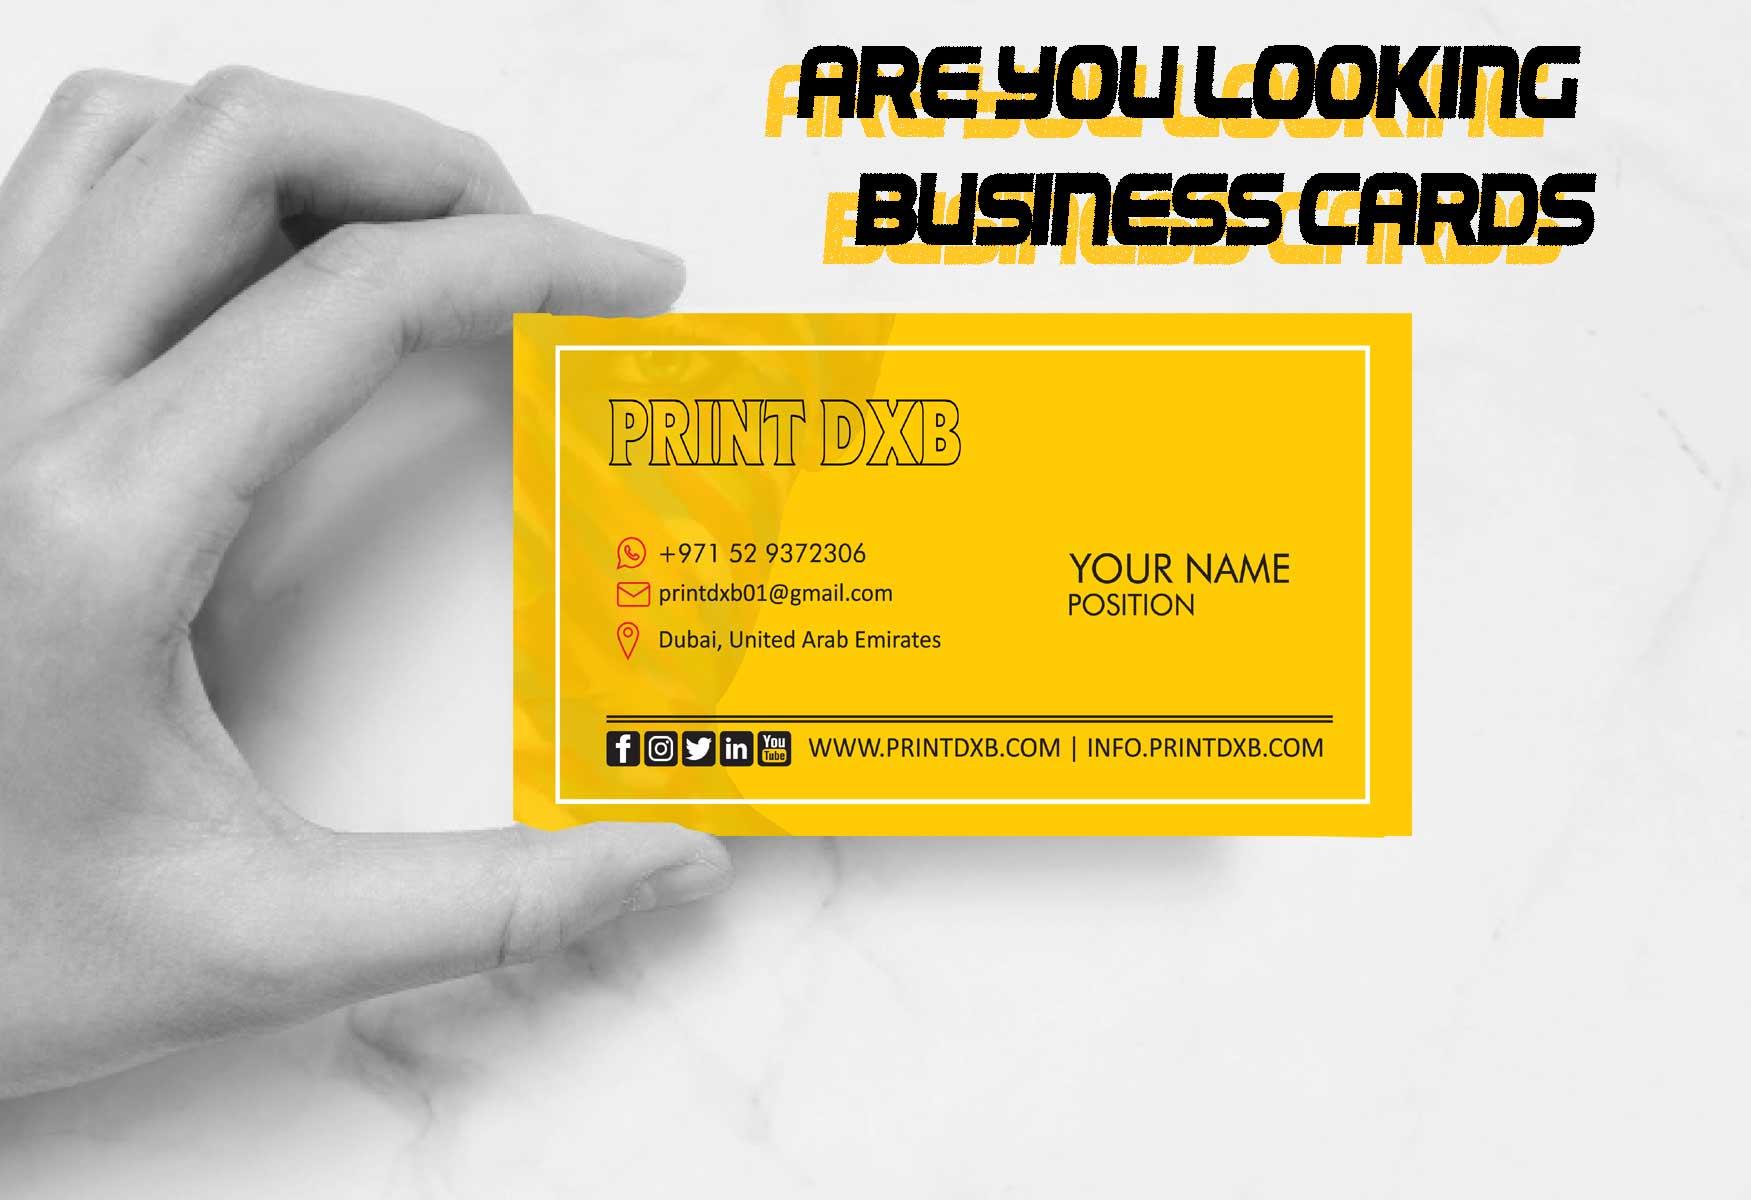 business cards printing dubai